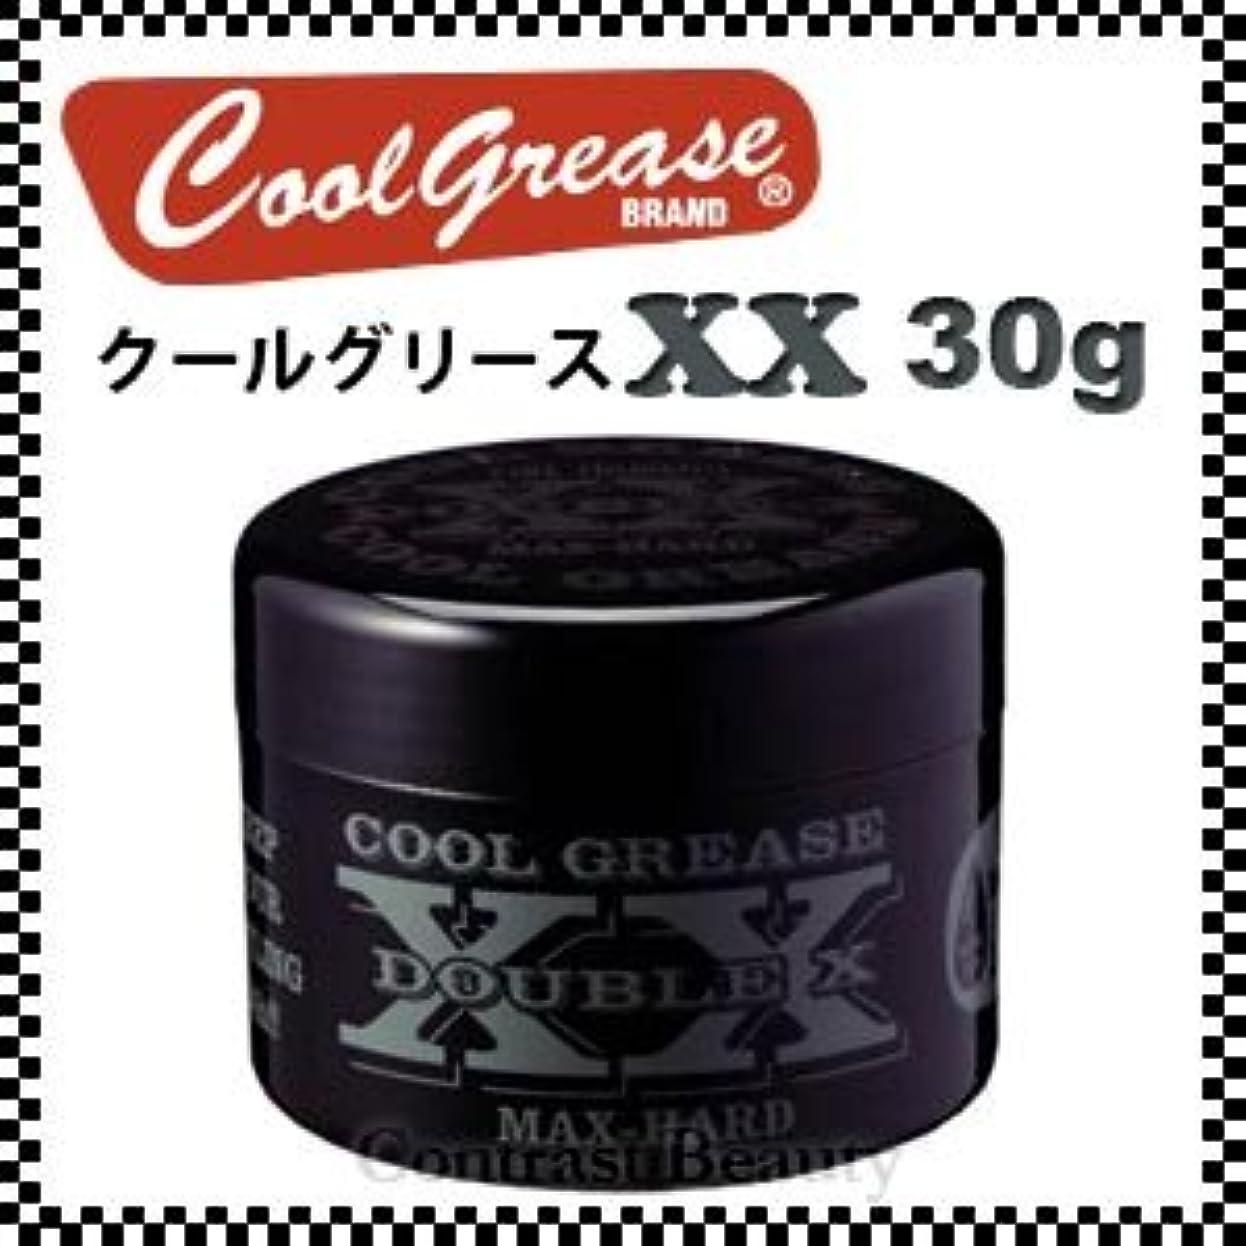 冗談で蜜ヘビー阪本高生堂 クールグリース XX 30g